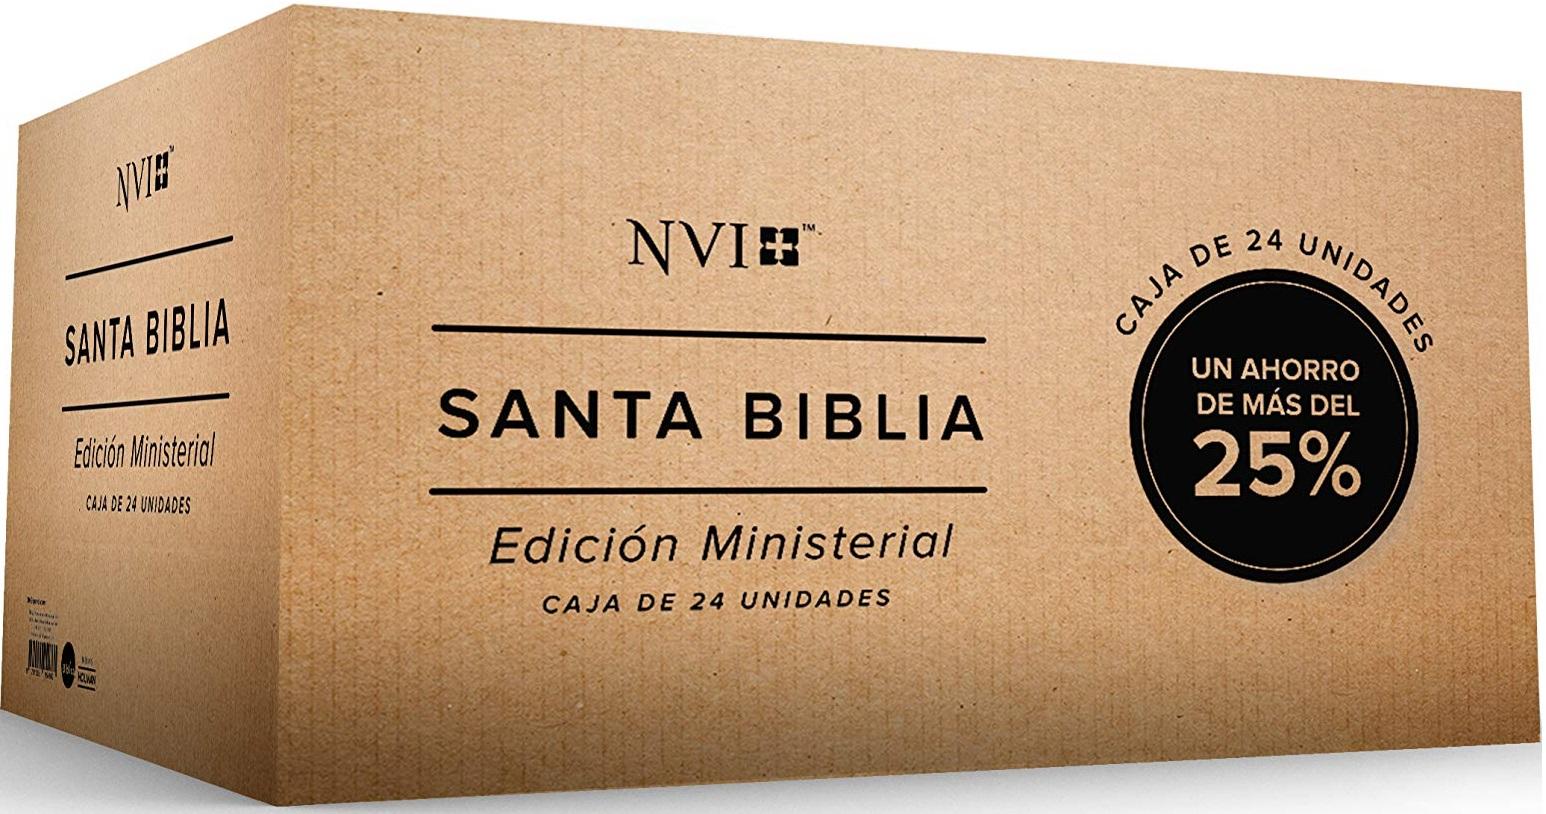 Caja Biblia Edición Ministerial Por 24 Unidades